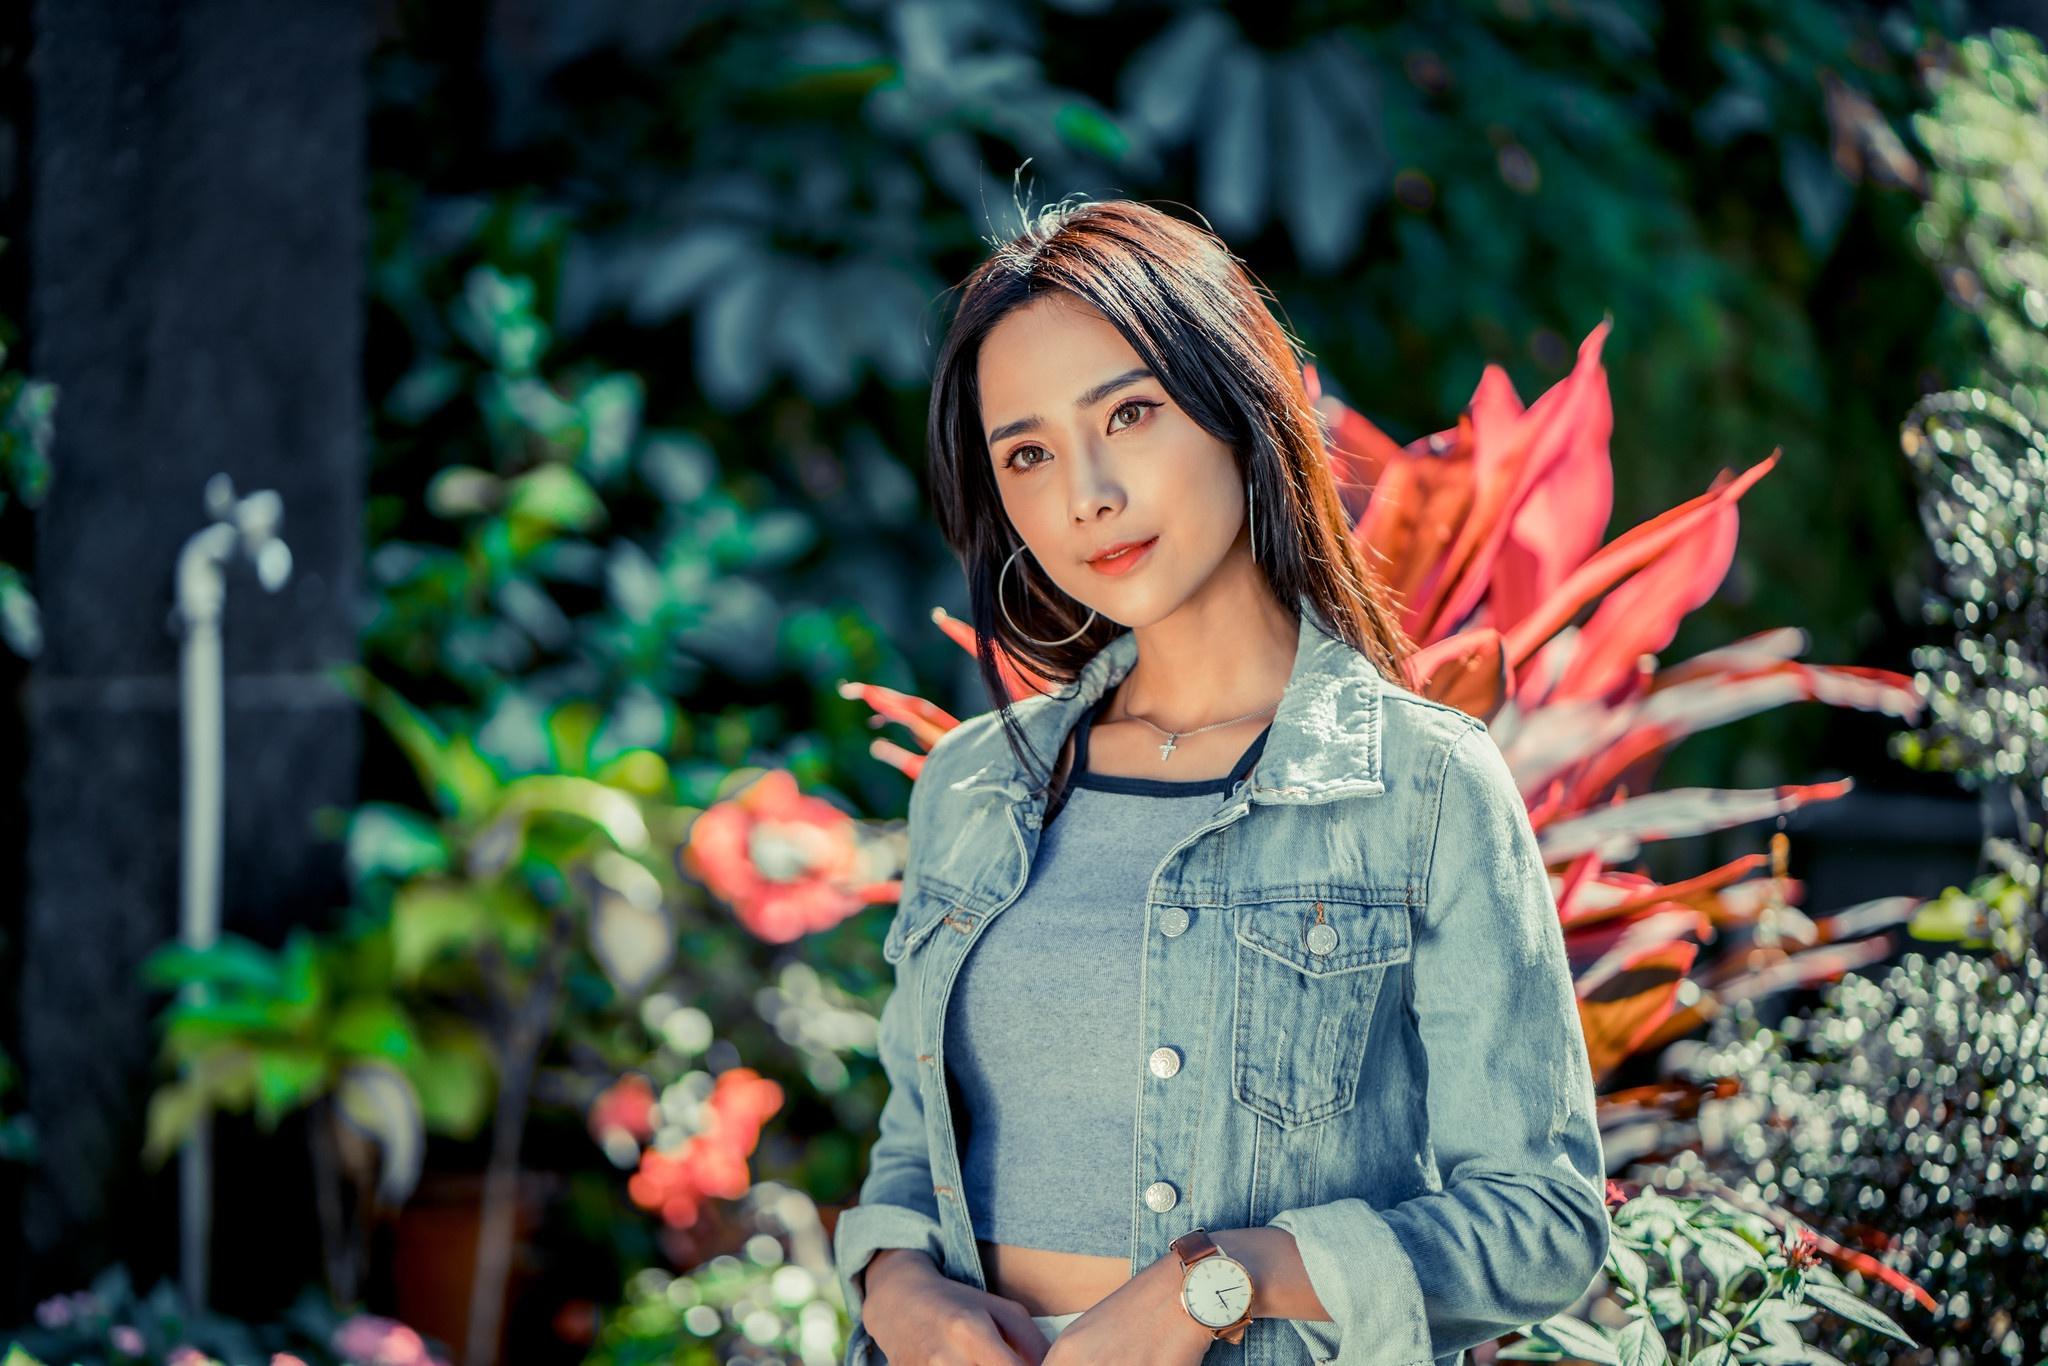 Asian Women Model Long Hair Brunette Depth Of Field Flowers Jeans Jacket Wristwatch Faucets 2048x1366